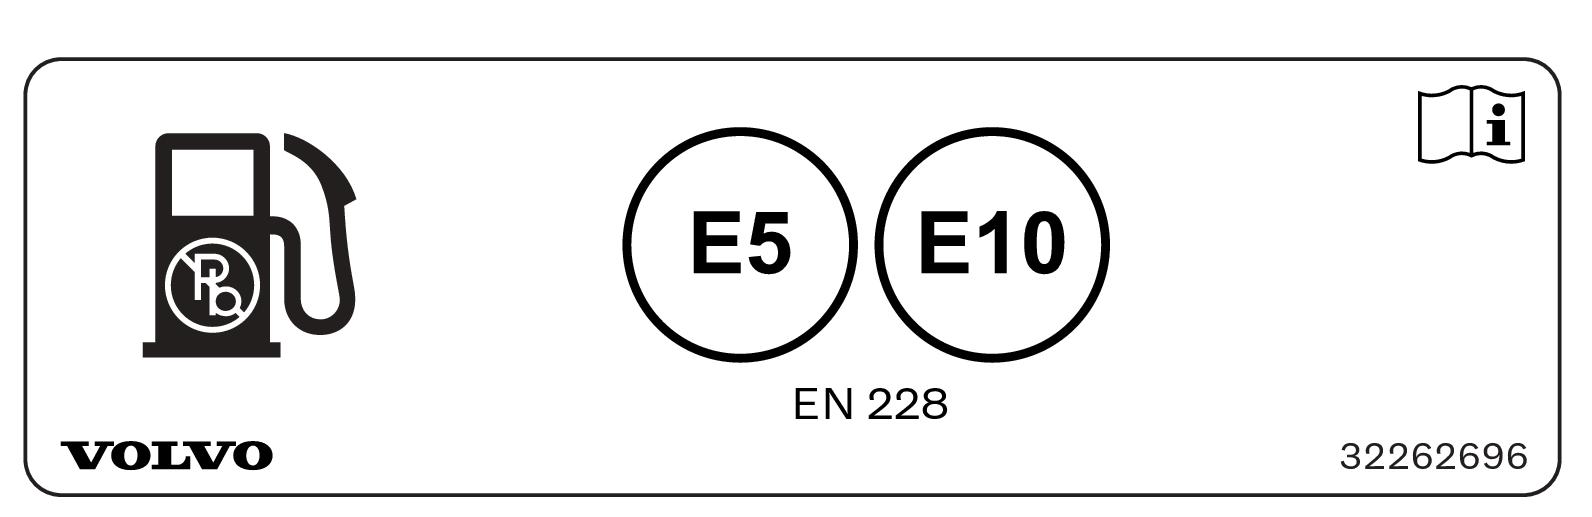 SuSi - 19w11 - Fuel label - Decal-etanol-petrol